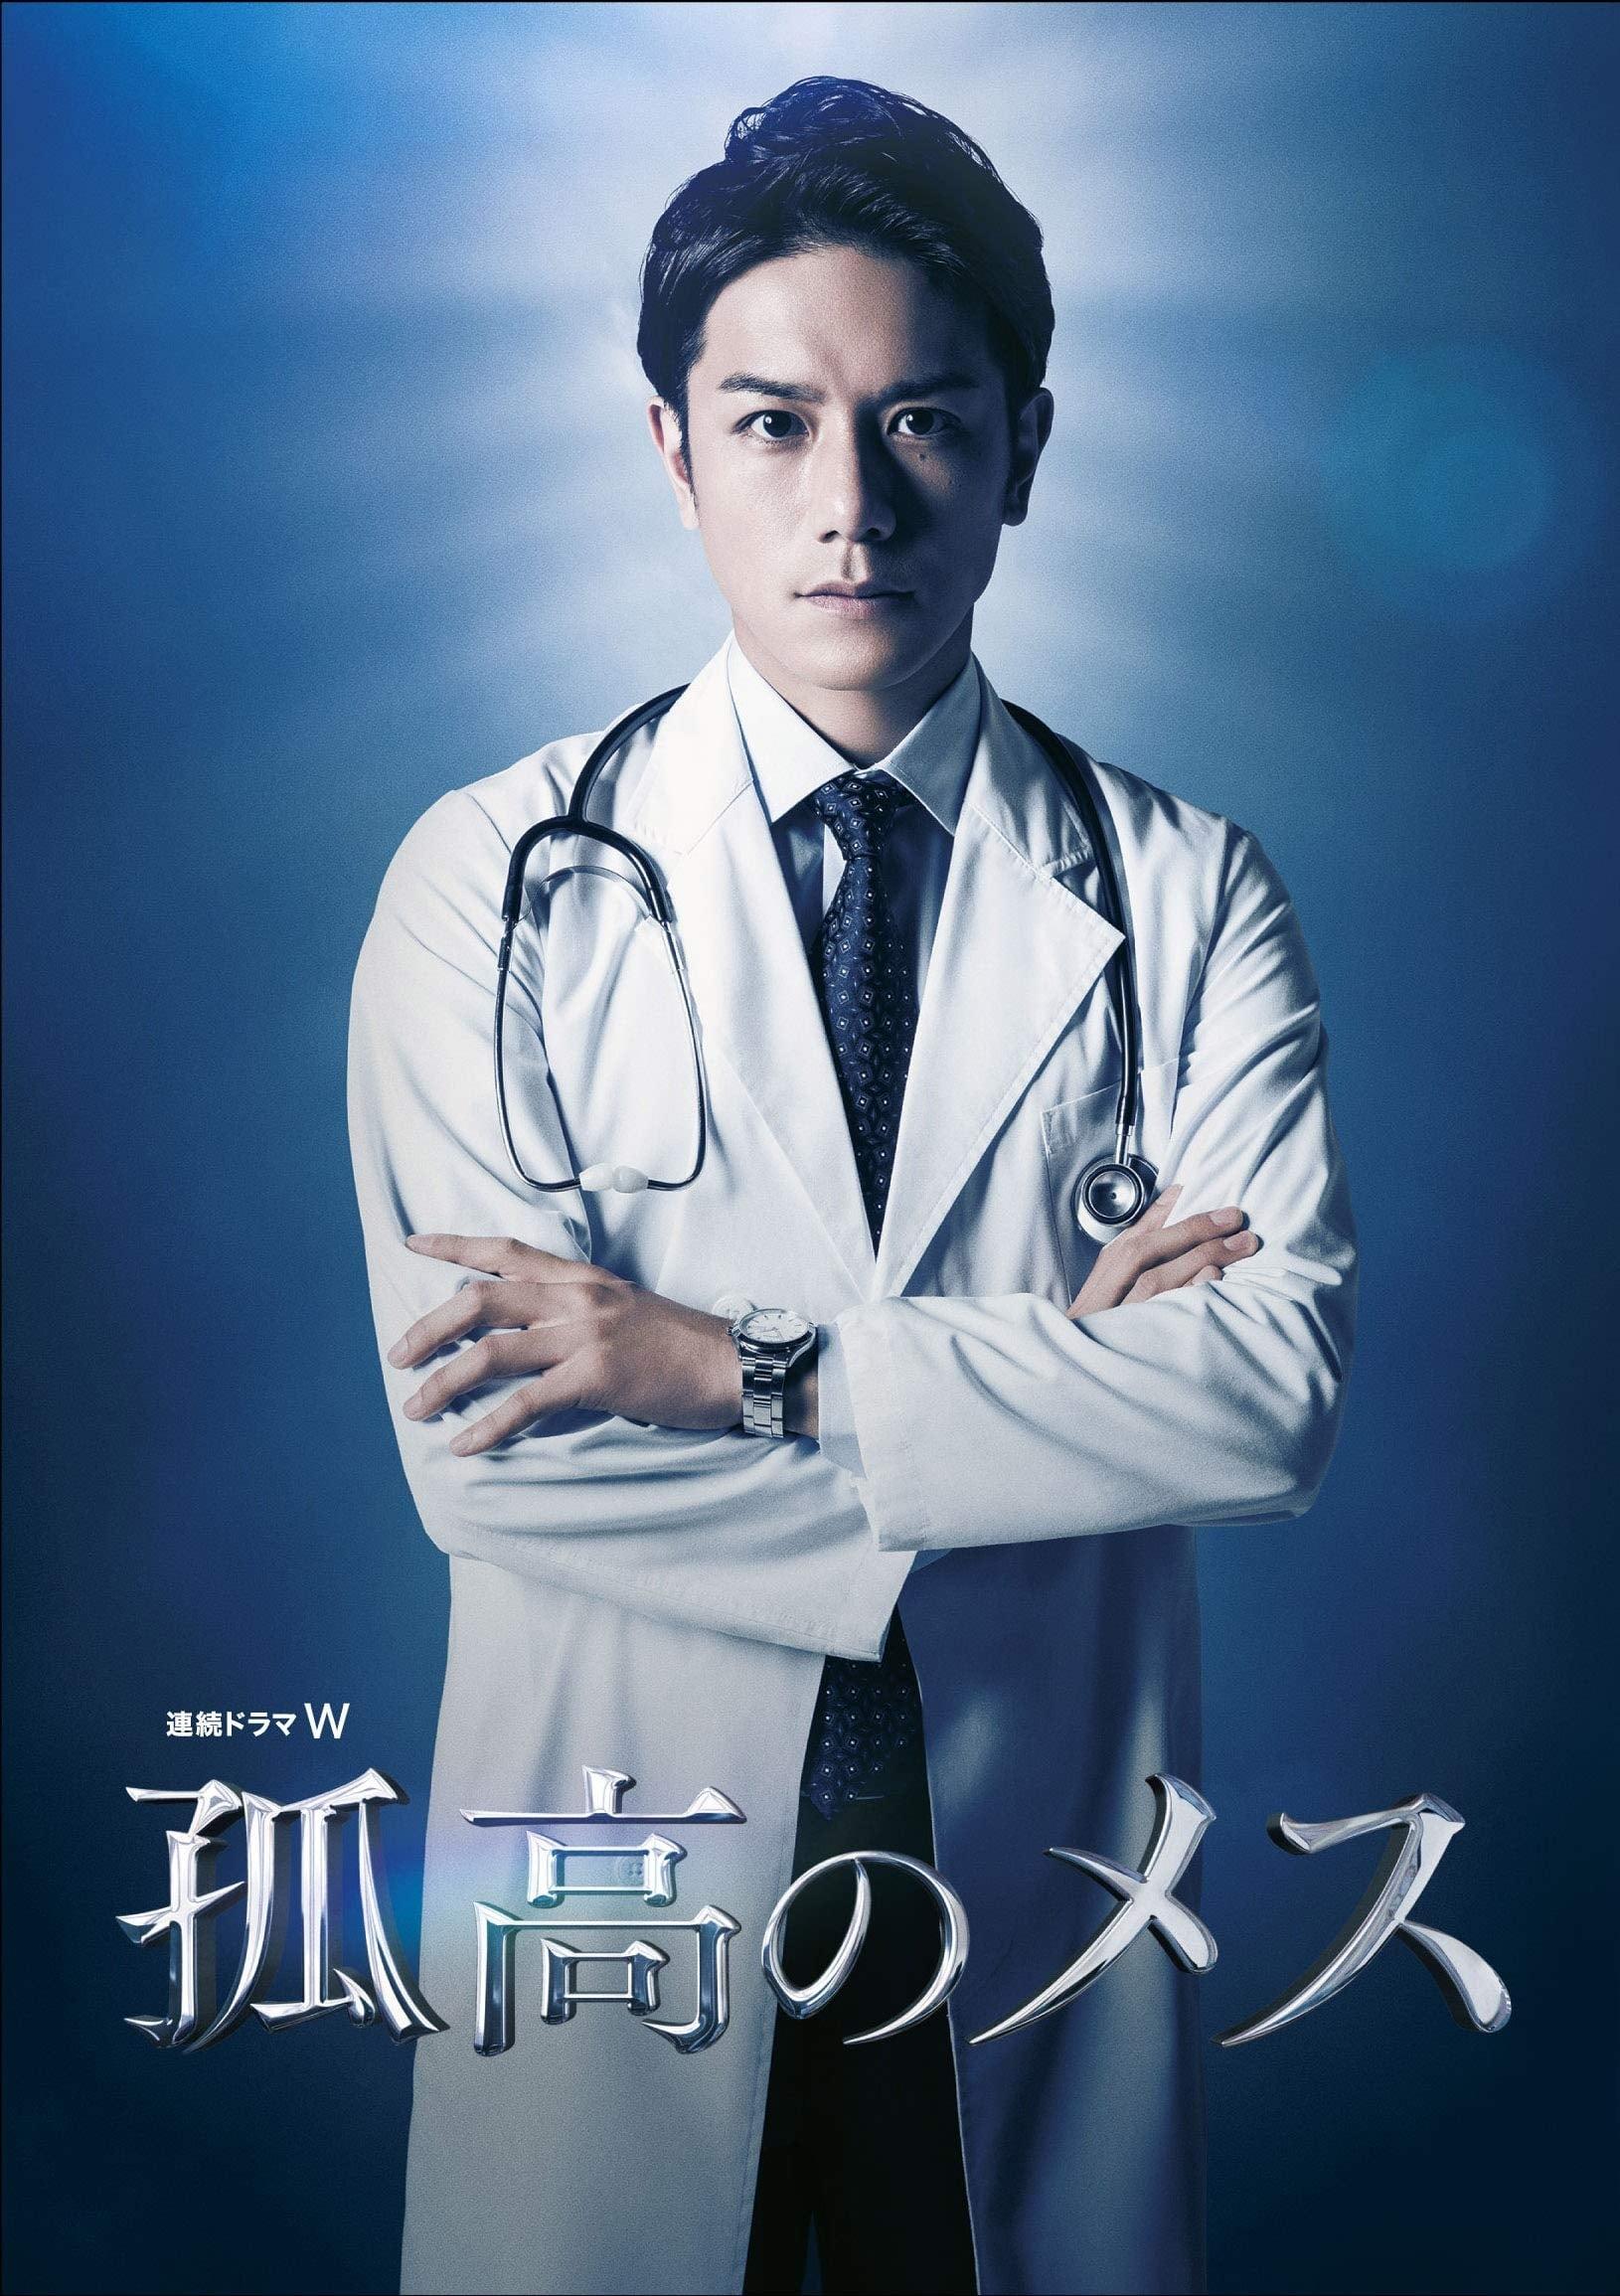 孤高のメス TV Shows About Doctor